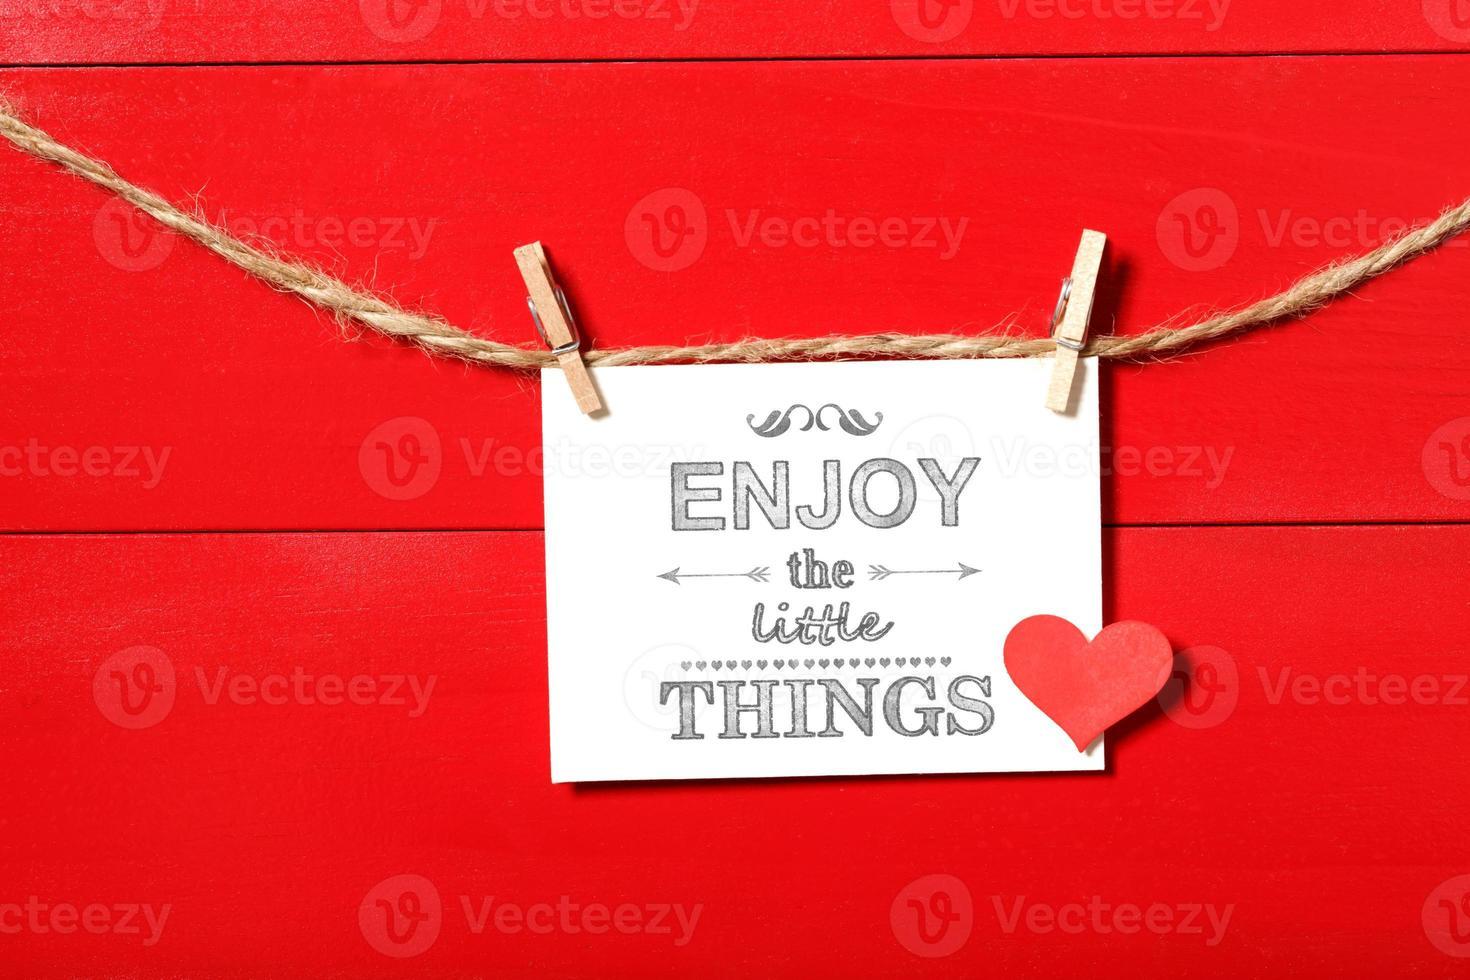 profiter du message des petites choses avec des pinces à linge photo